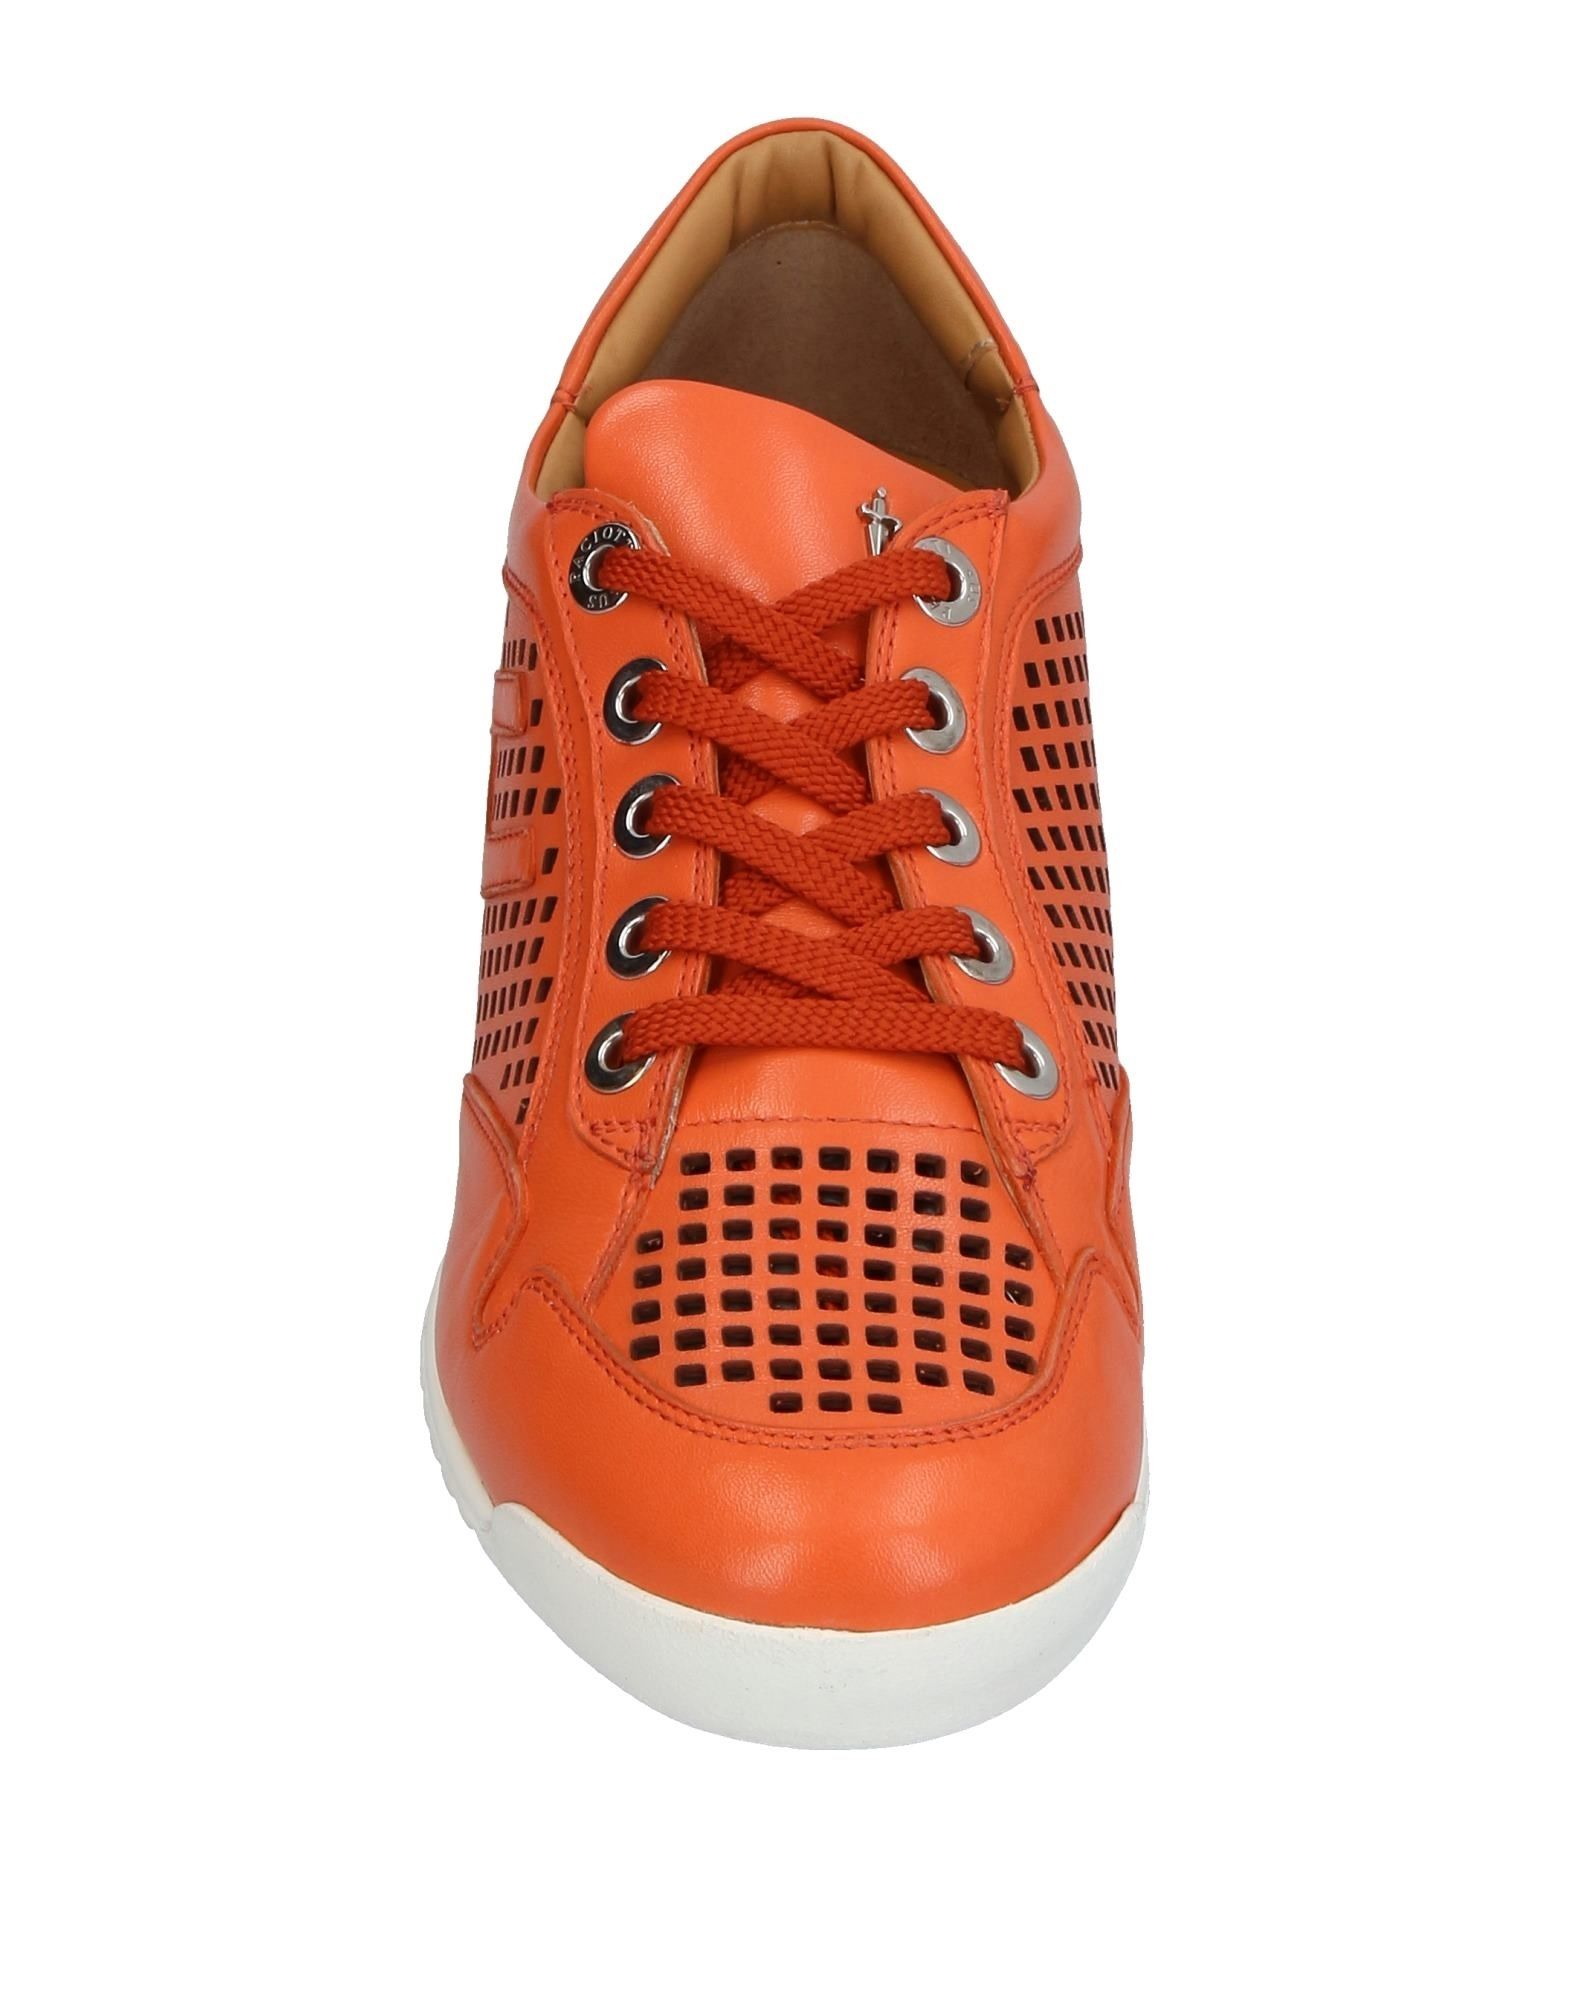 Sneakers Cesare Paciotti 4Us Femme - Sneakers Cesare Paciotti 4Us sur